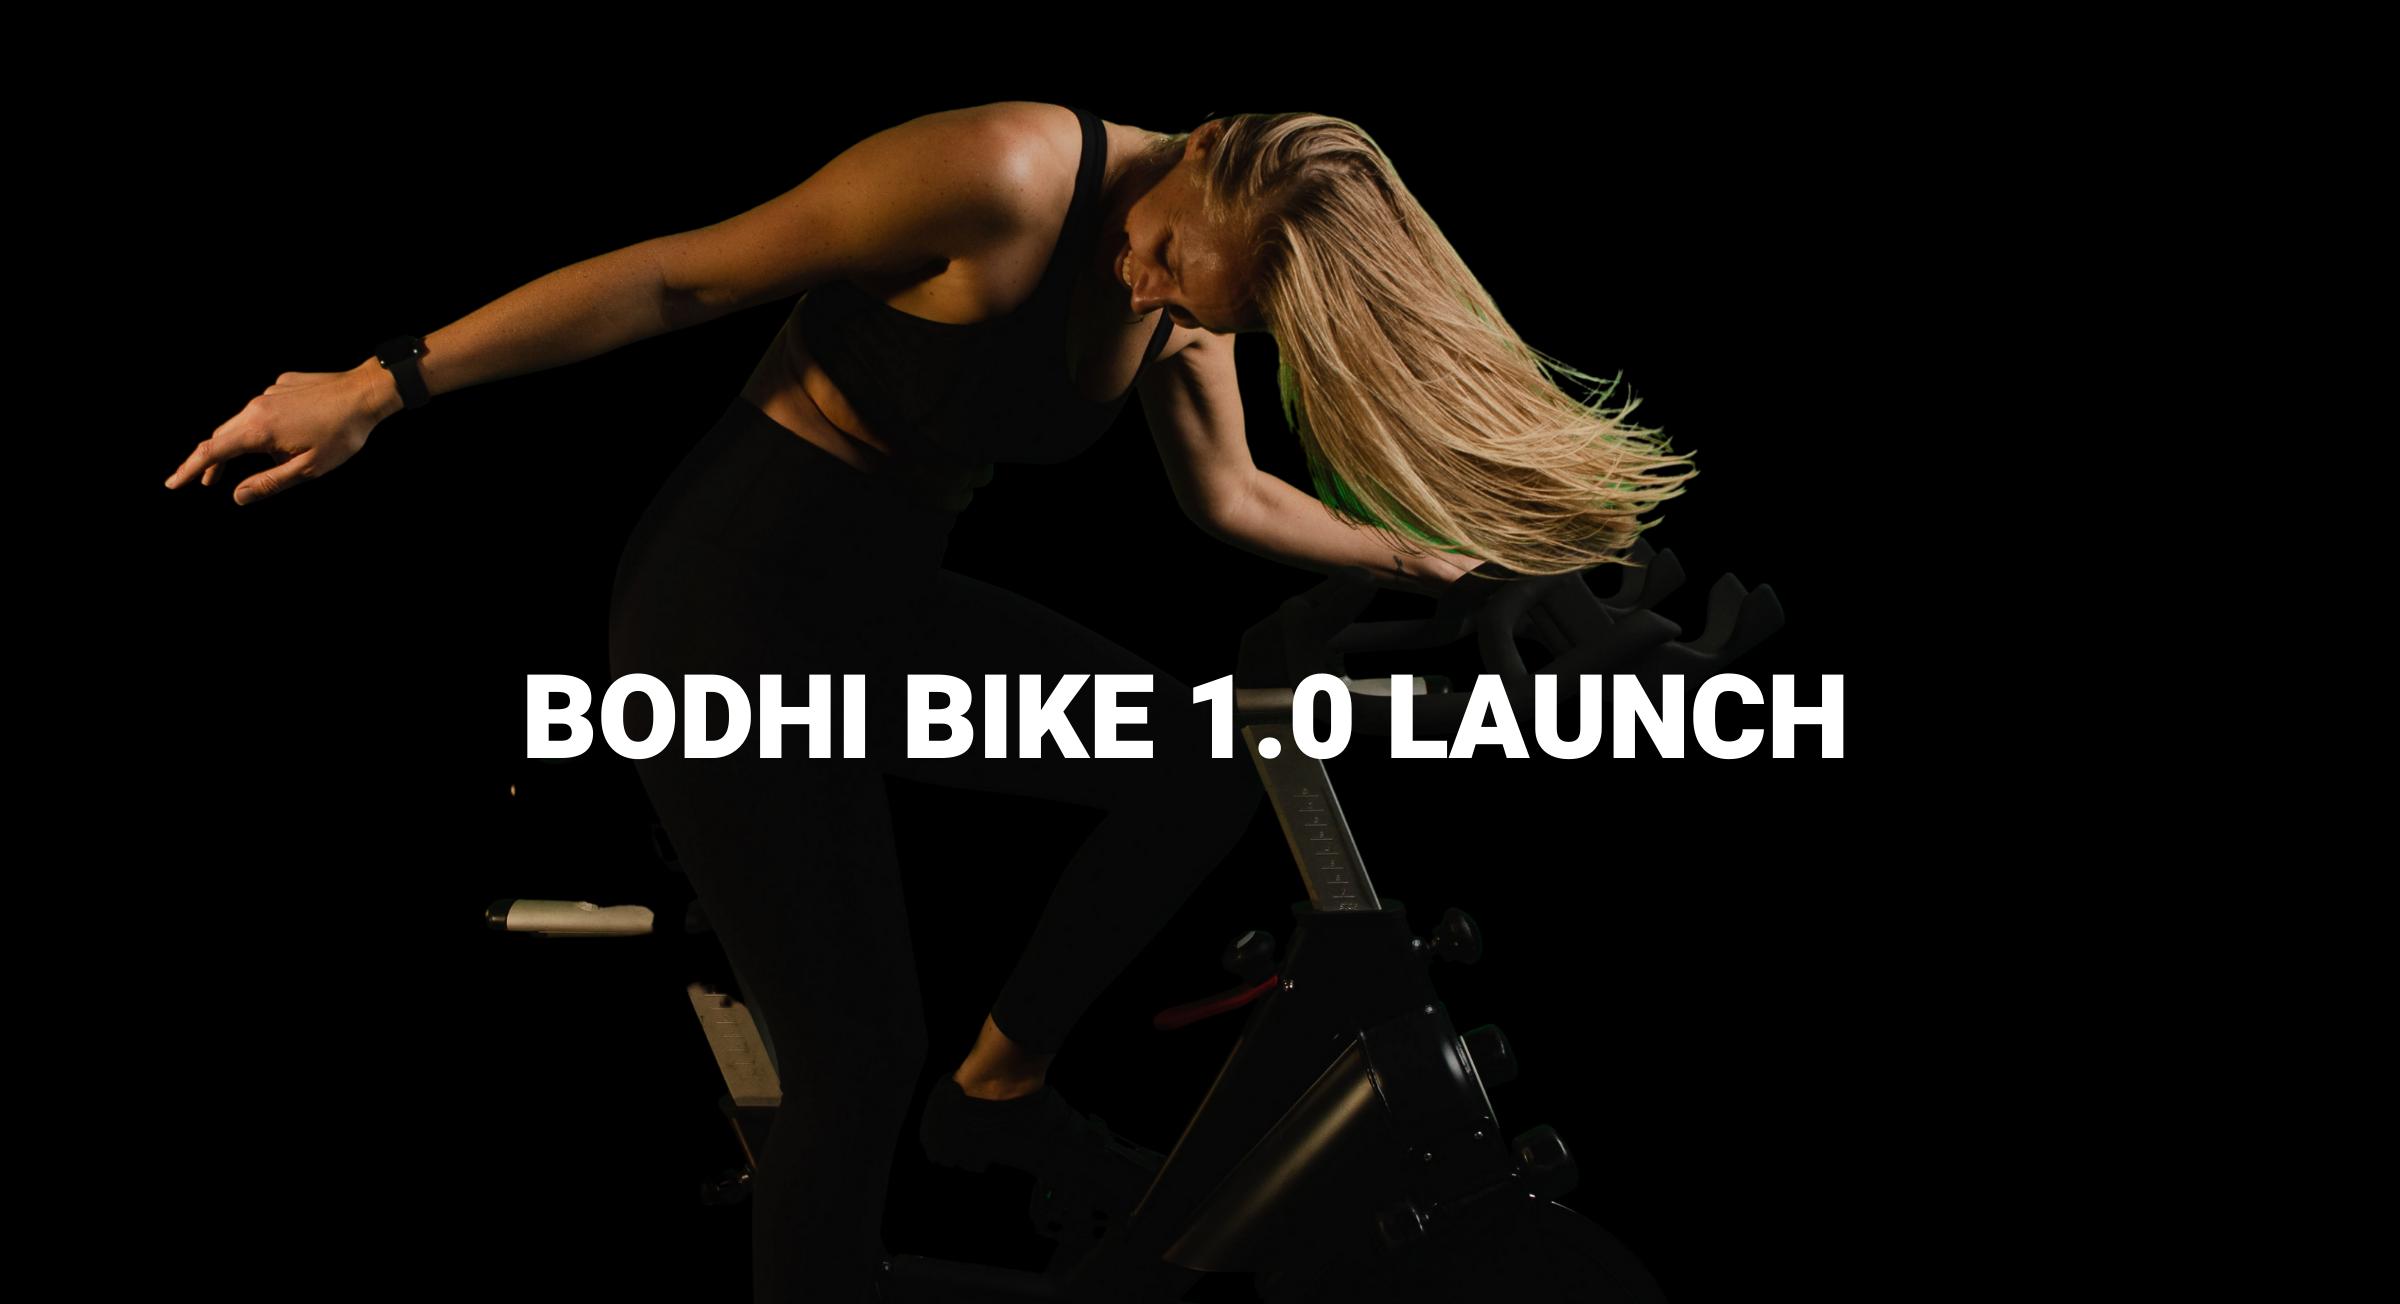 Bodhi Bike 1.0 Launch